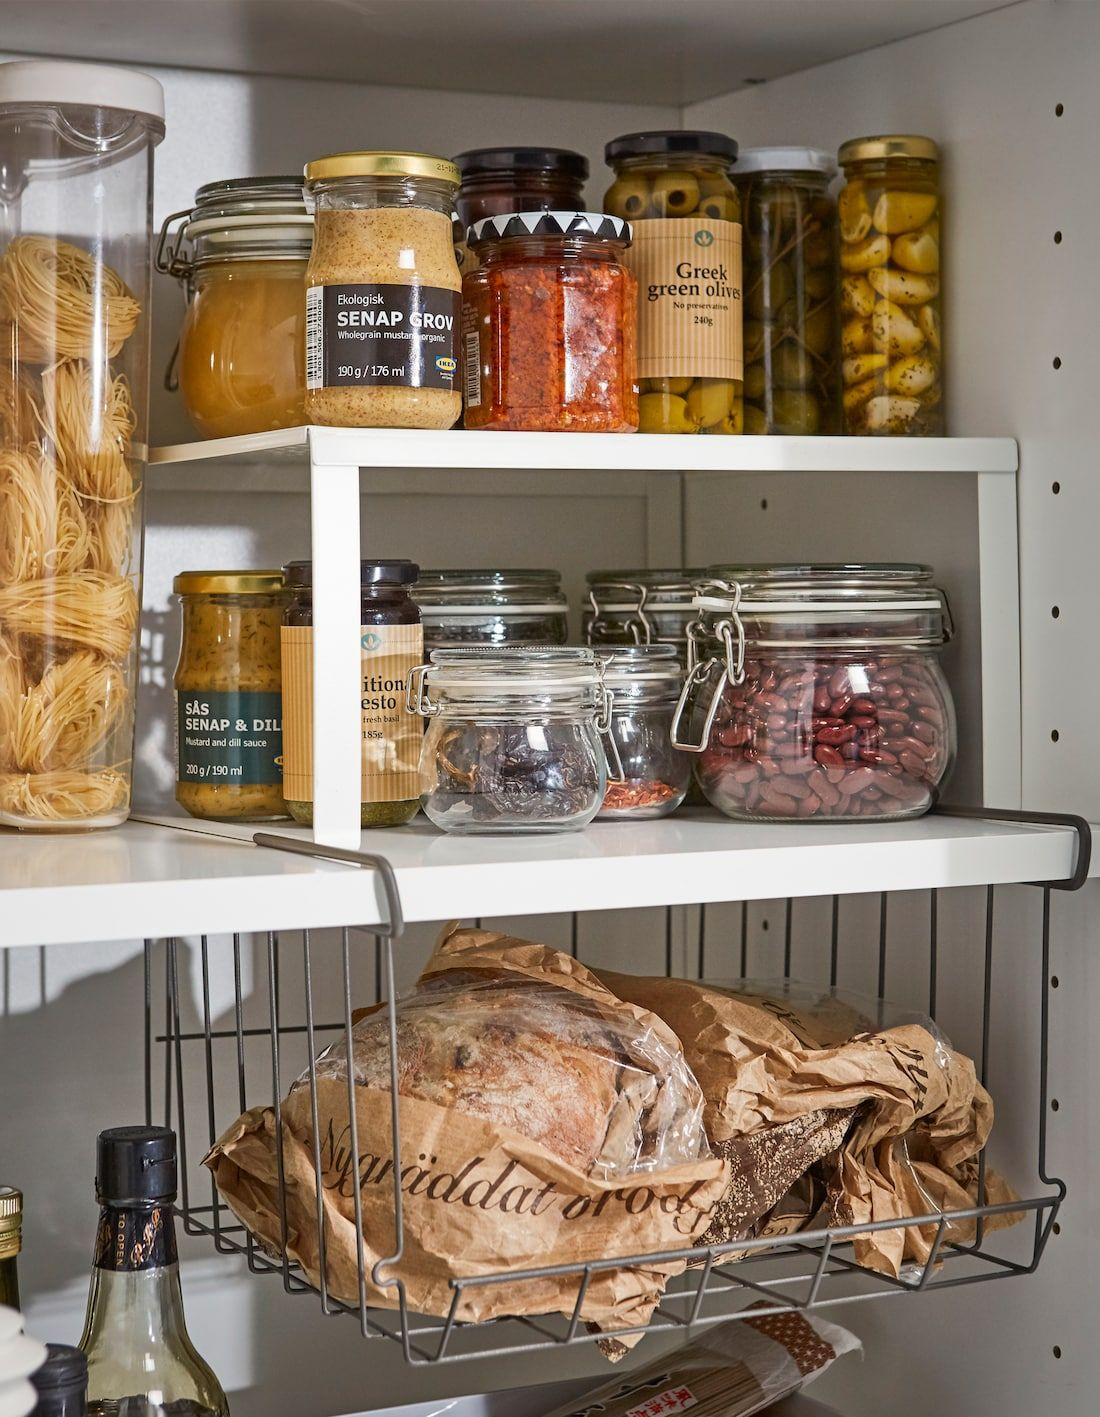 Ripiani Ikea Cucina.Comodita In Cucina A Partire Dalla Dispensa Organizzare